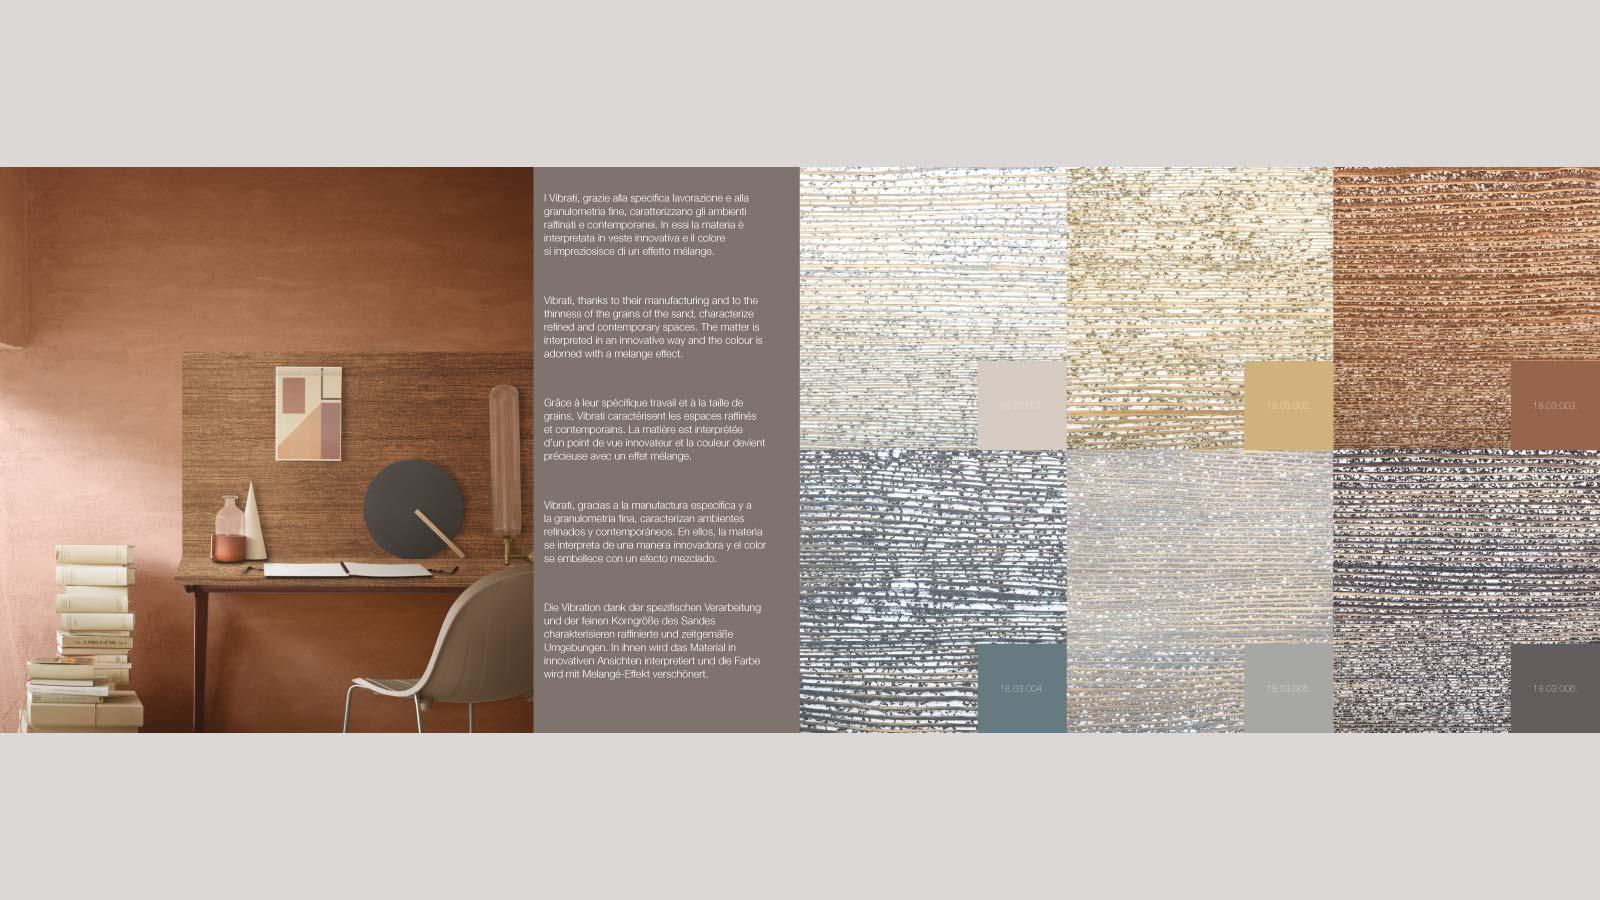 consulenza-colore-color-tunes-book-vibrati-scala-colore-renner